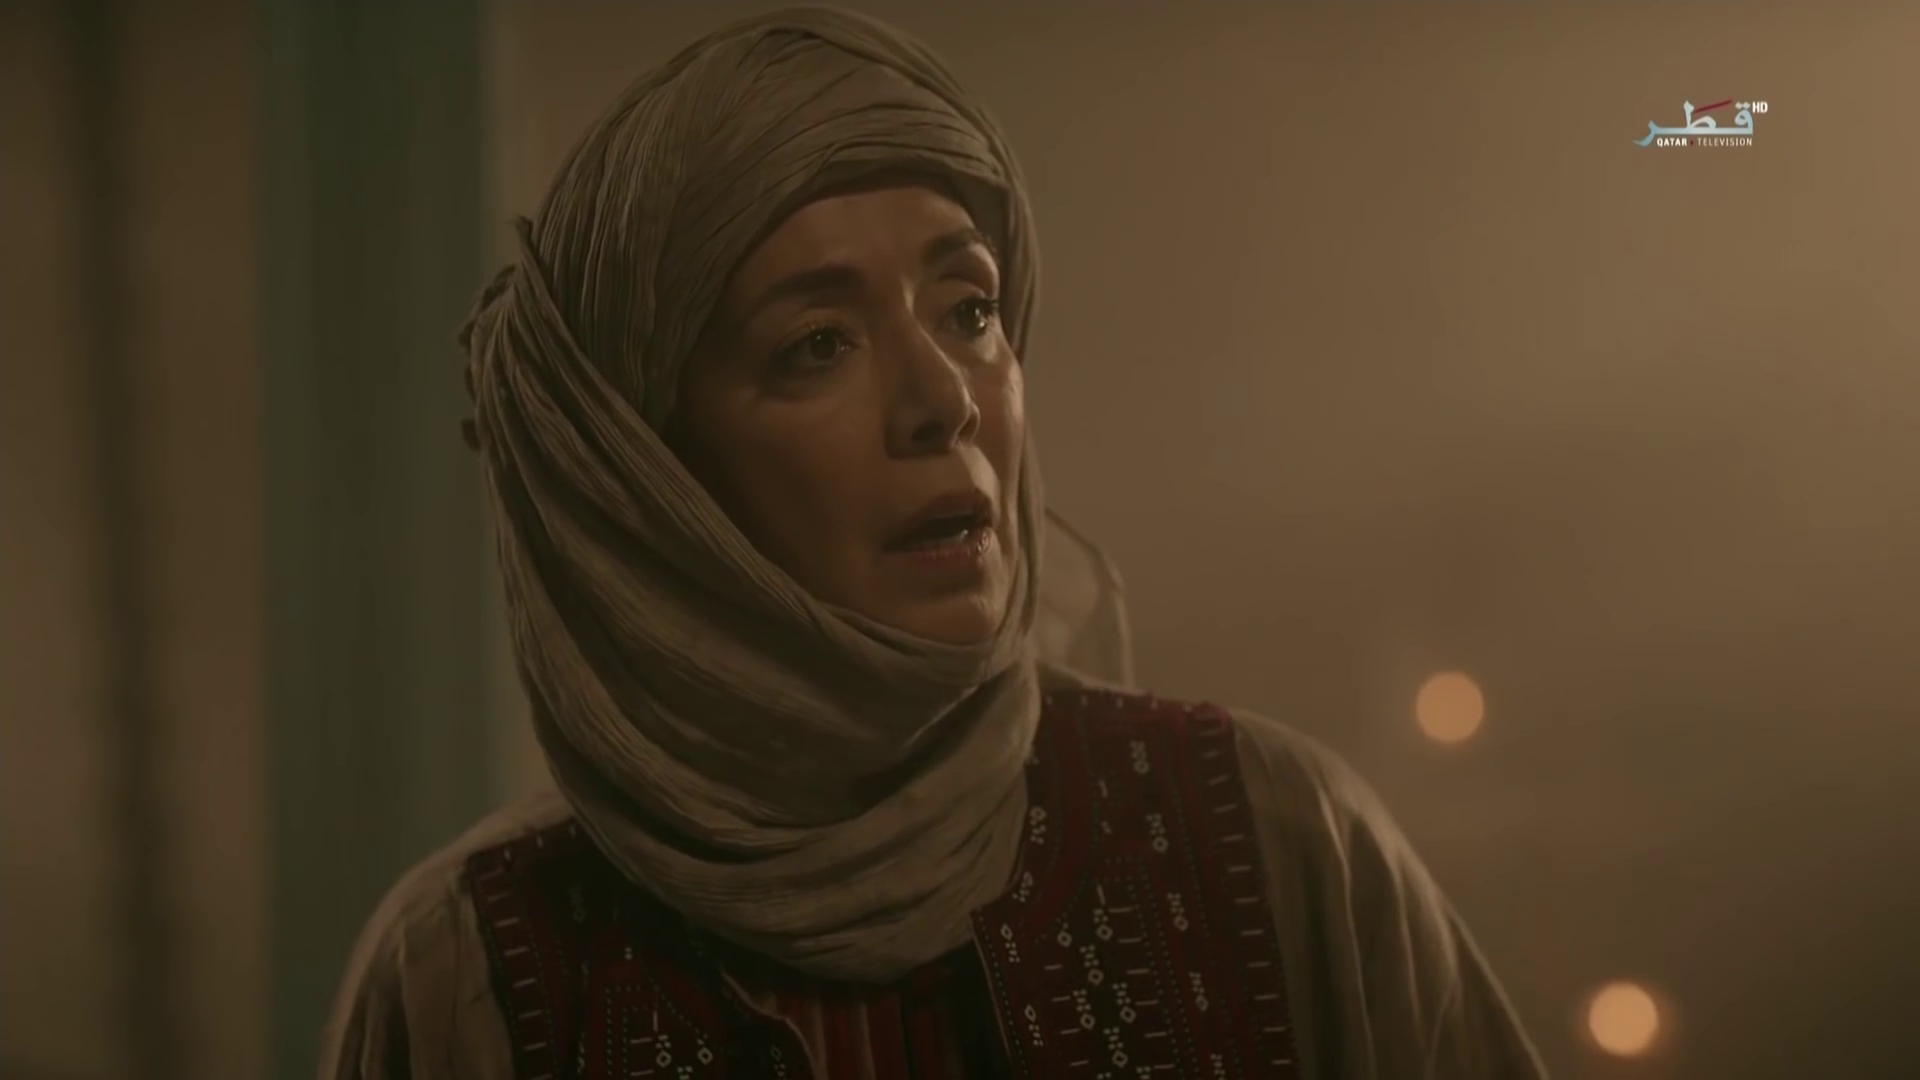 مسلسل قيامة أرطغرل [كامل الحلقات والمواسم] (مدبلج) ج1 || FHDTV 1080p تحميل تورنت 20 arabp2p.com